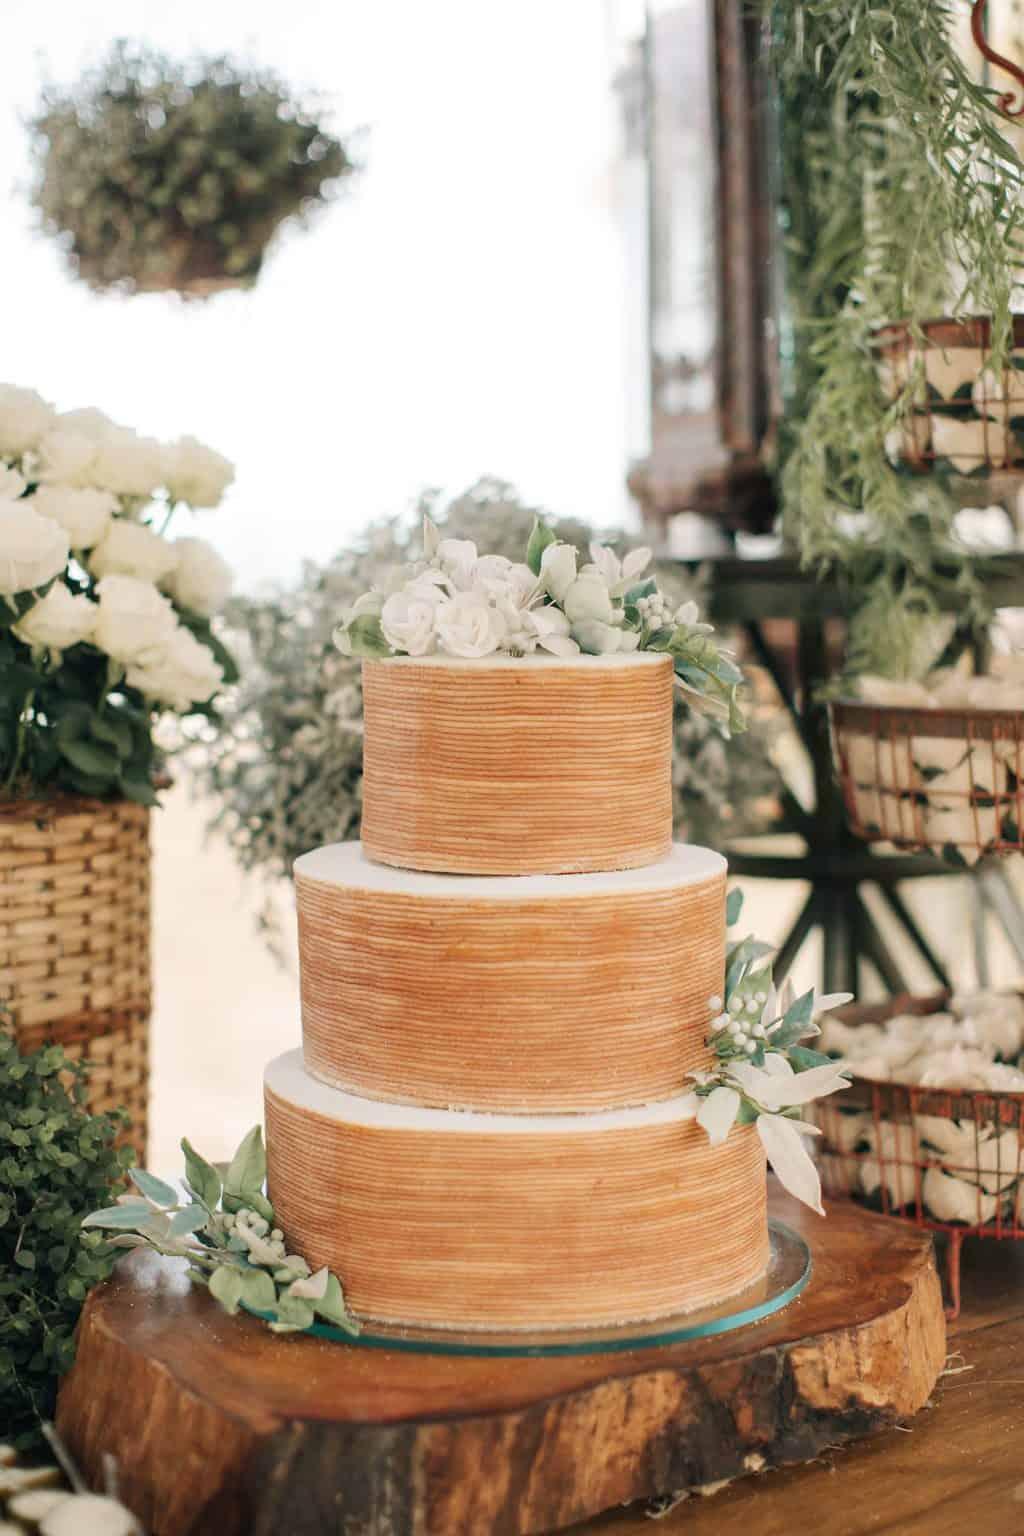 casamento-Danielle-e-Guilherme-aloha-fotografia-caseme-36